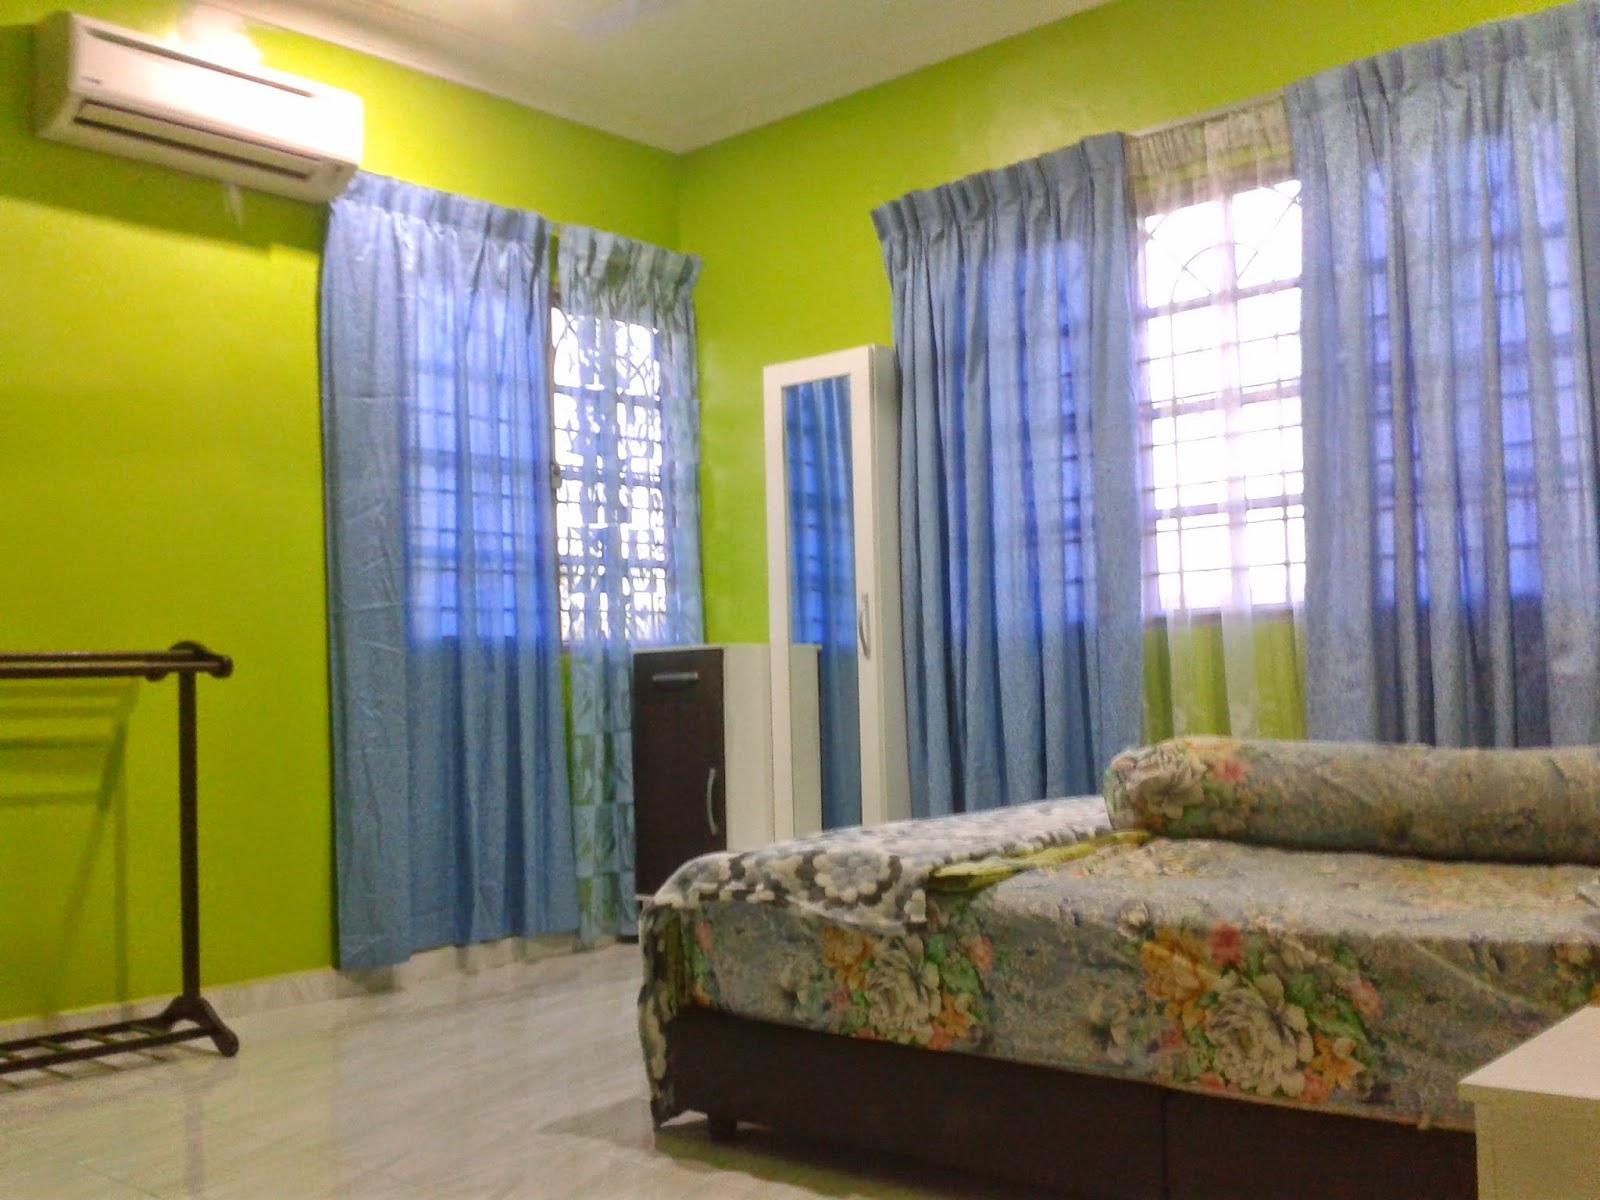 Homestay Ini Merupakan Sebuah Rumah Banglo 2 Tingkat Mempunyai 3 Bilik Tidur Air Dilengkapi Penghawa Dingin 1 Dan Kipas